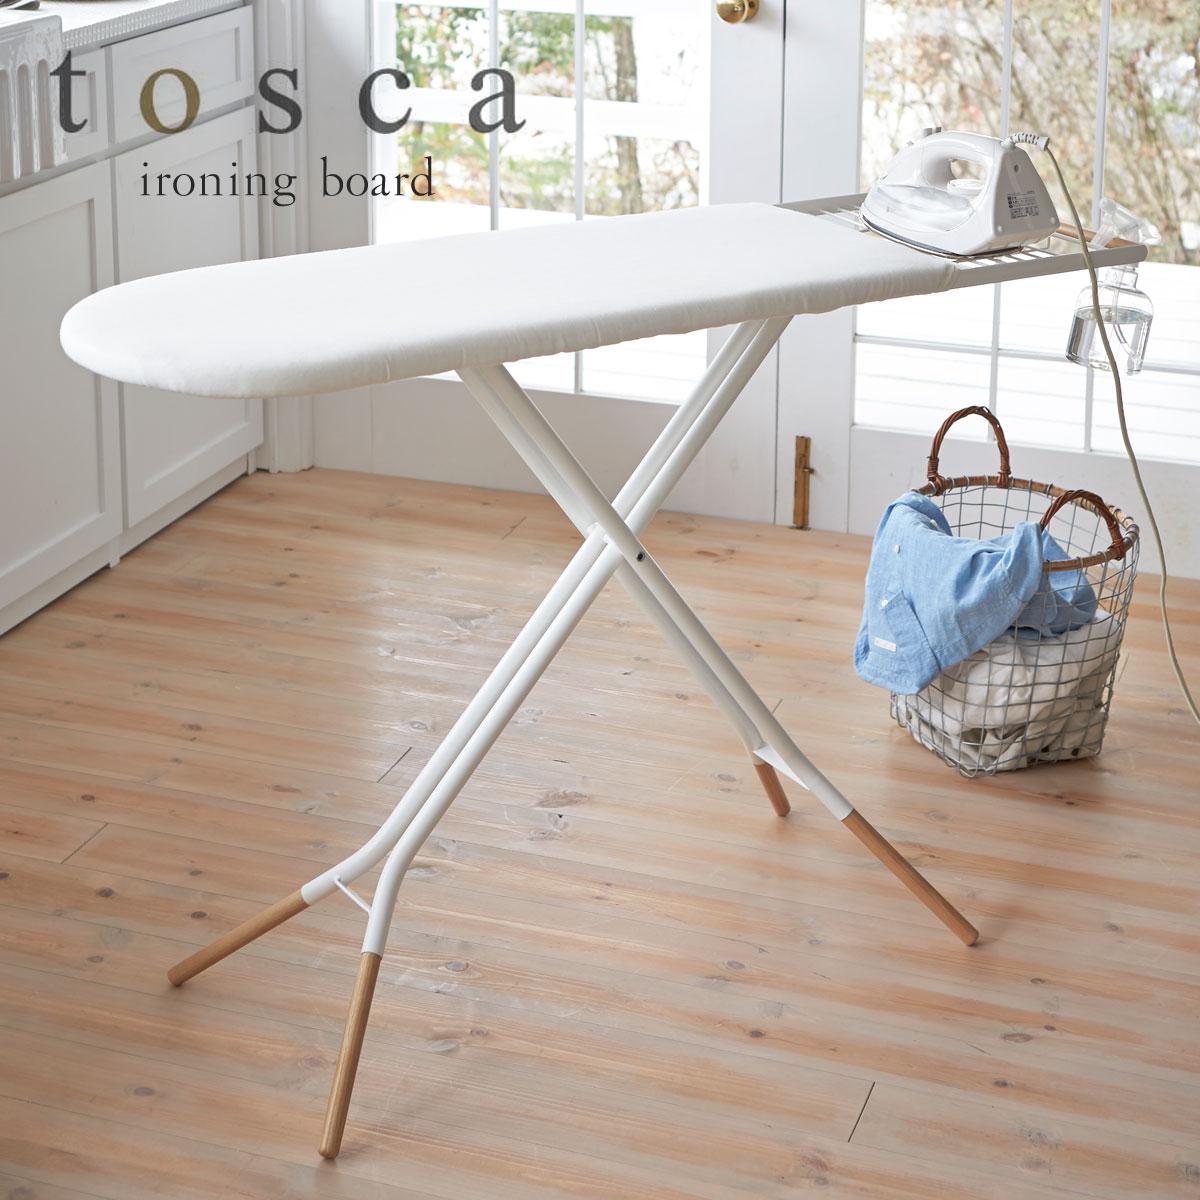 アイロン台 スタンド式 折りたたみ 平型 使いやすい tosca トスカ ホワイト 03152